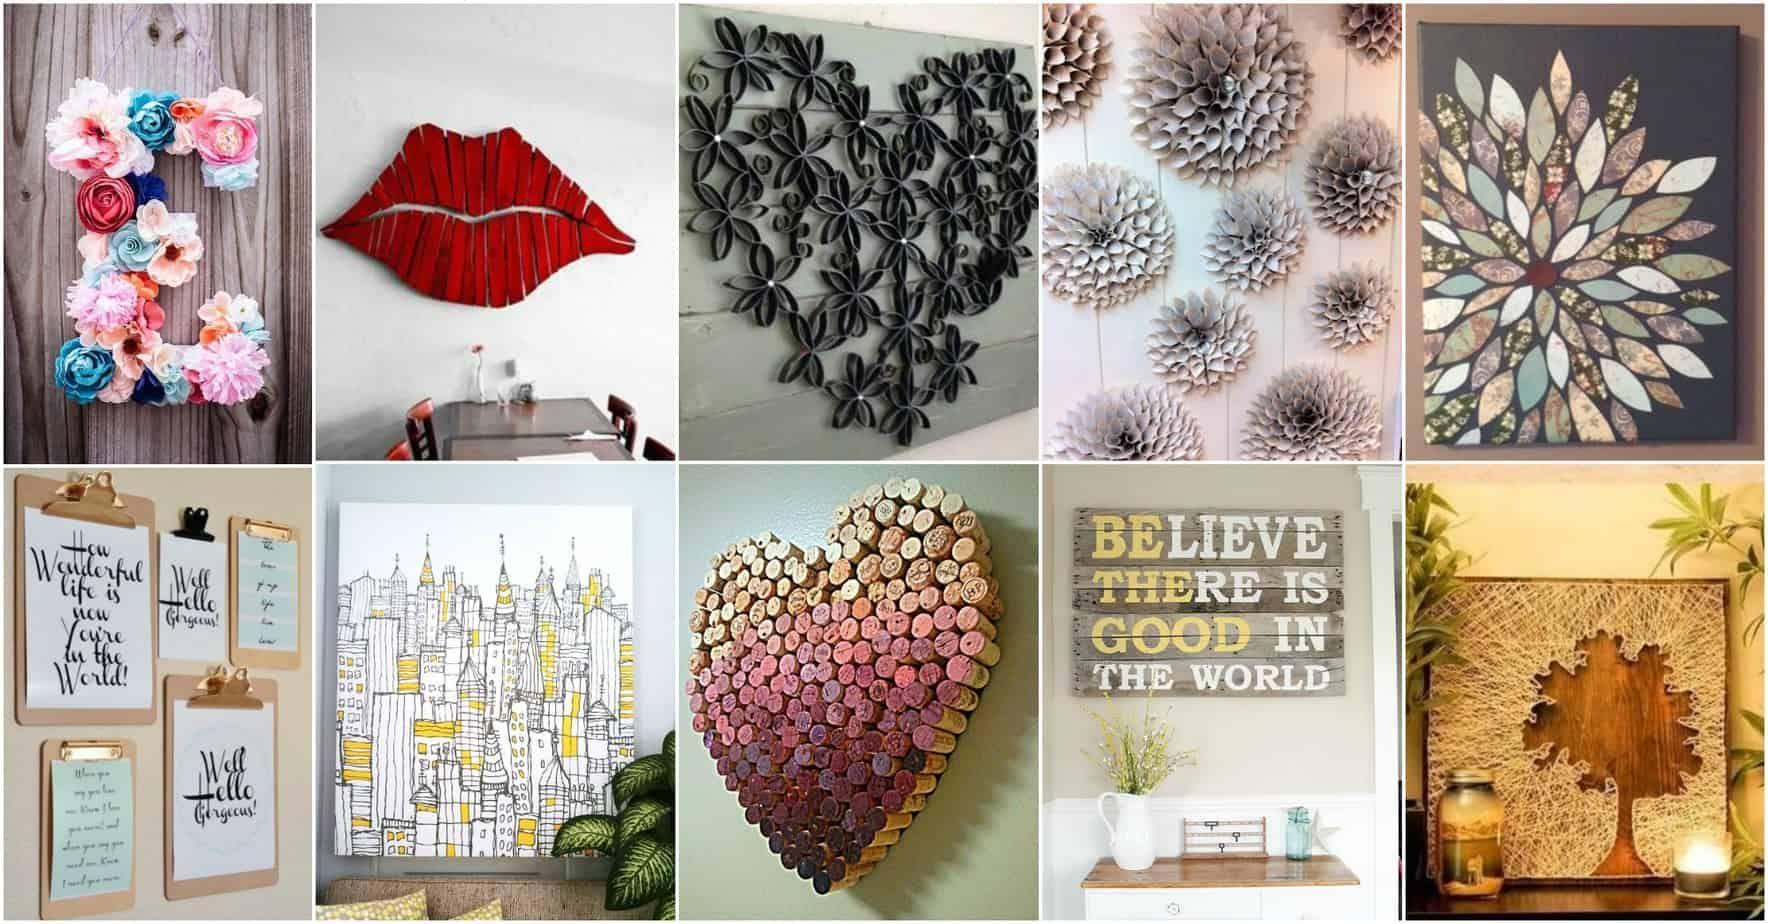 More Amazing DIY Wall Art Ideas #diy #decor #diy #deko #diy